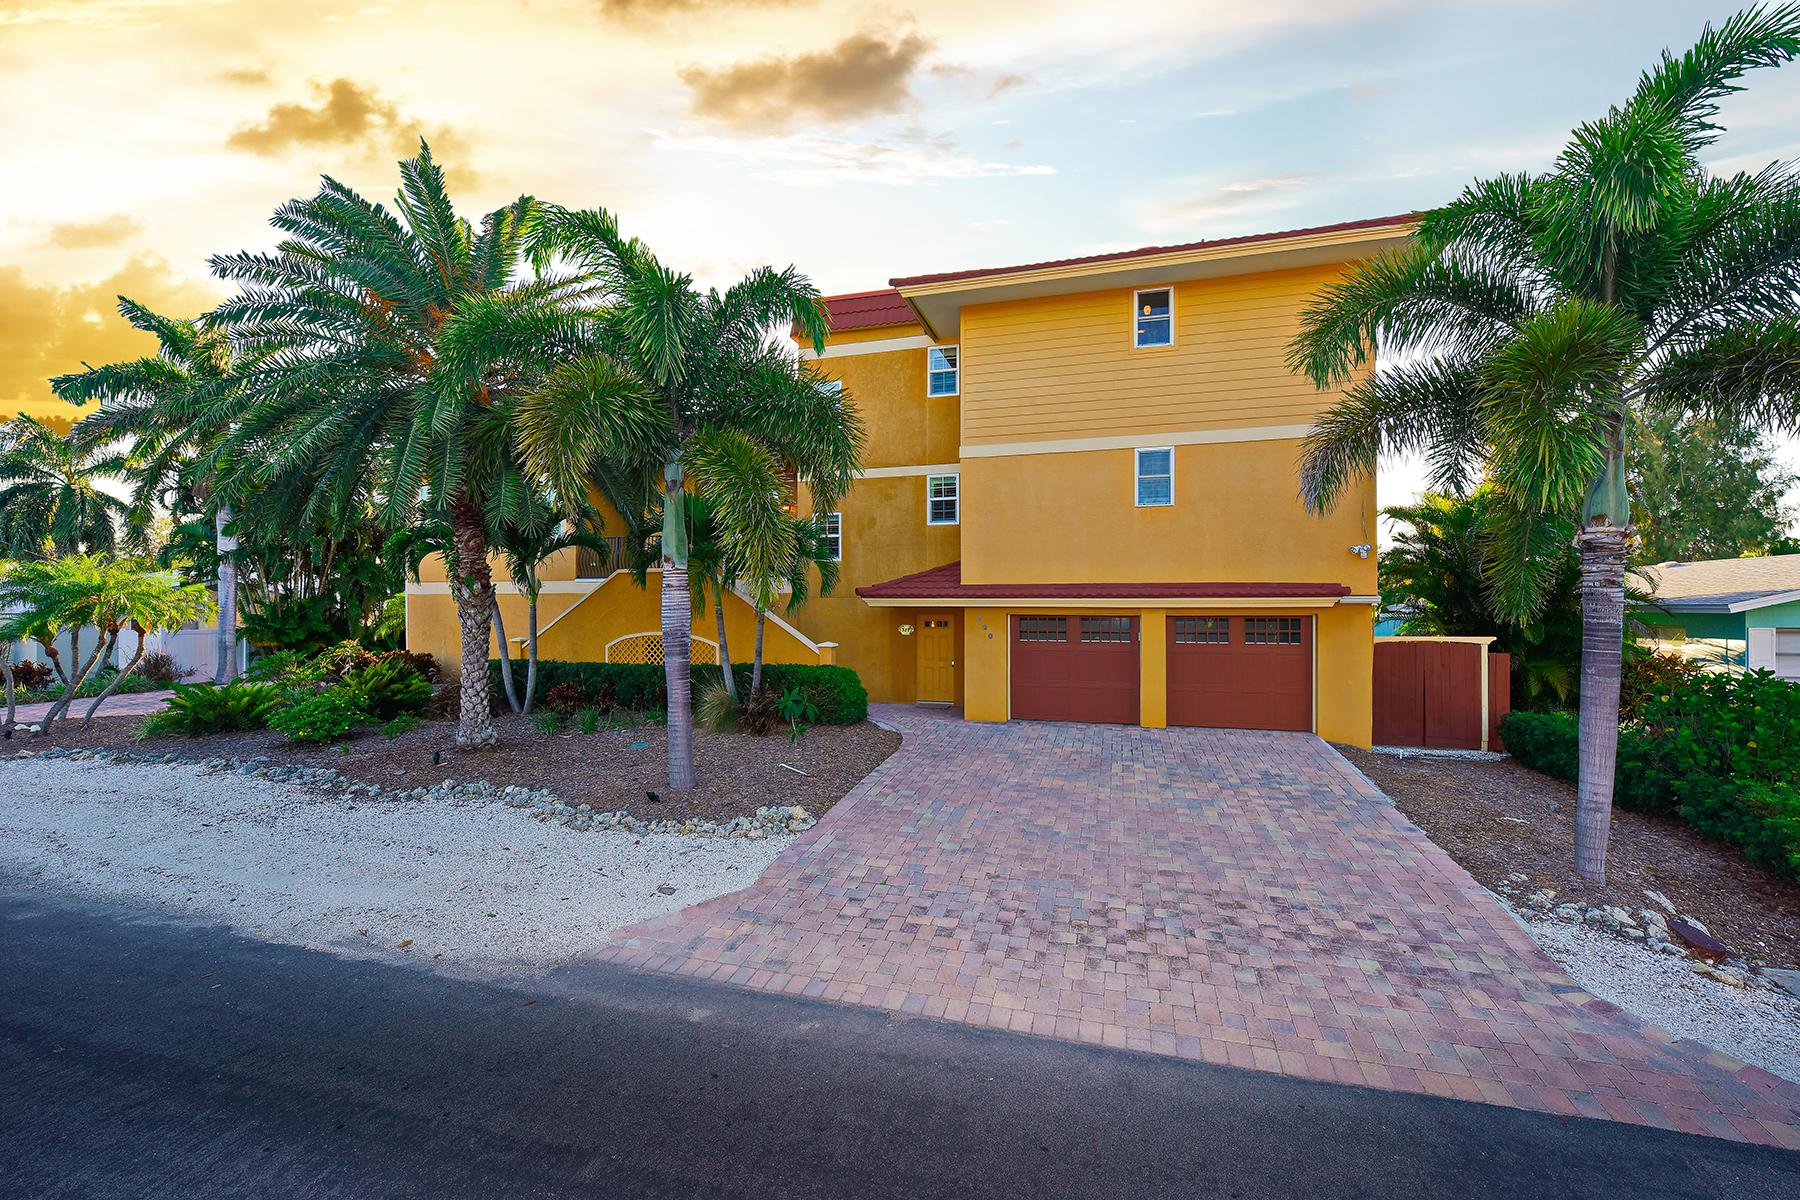 Maison unifamiliale pour l Vente à ANNA MARIA ISLAND CANAL FRONT 520 Bayview Pl Anna Maria, Florida 34216 États-Unis